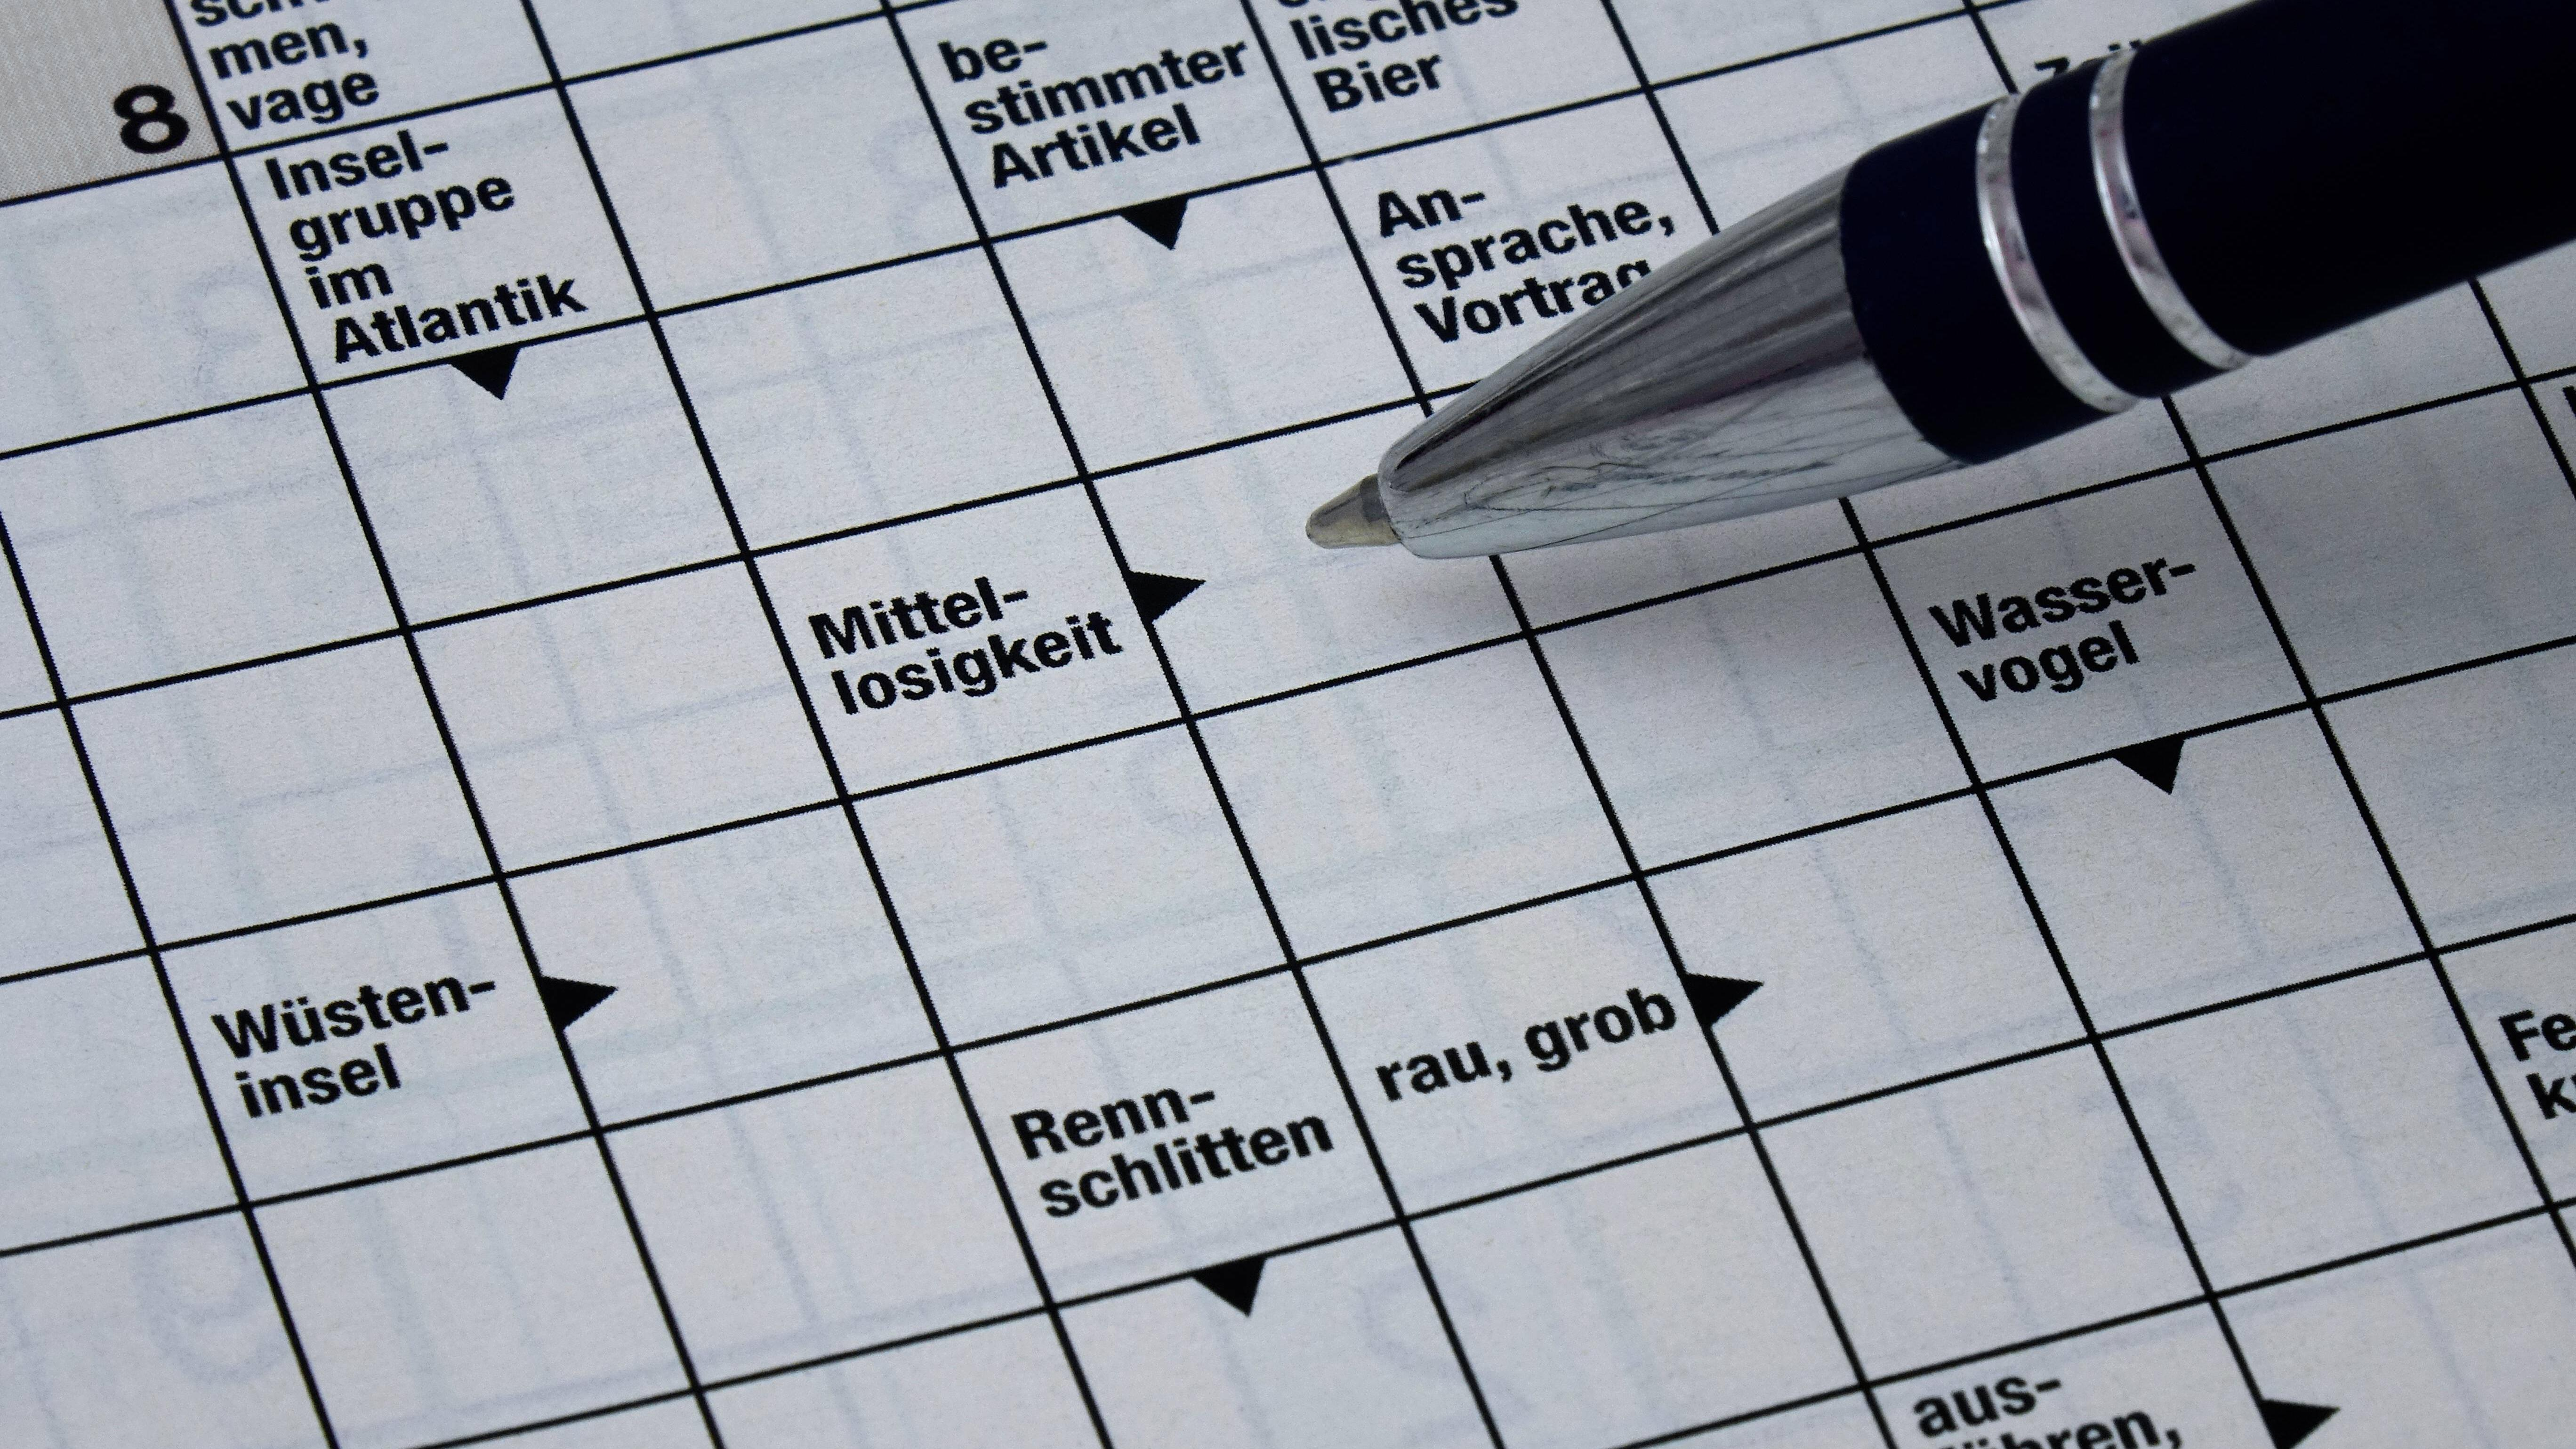 Ureinwohner Neuseelands: 5 Buchstaben - Kreuzworträtsel Lösung